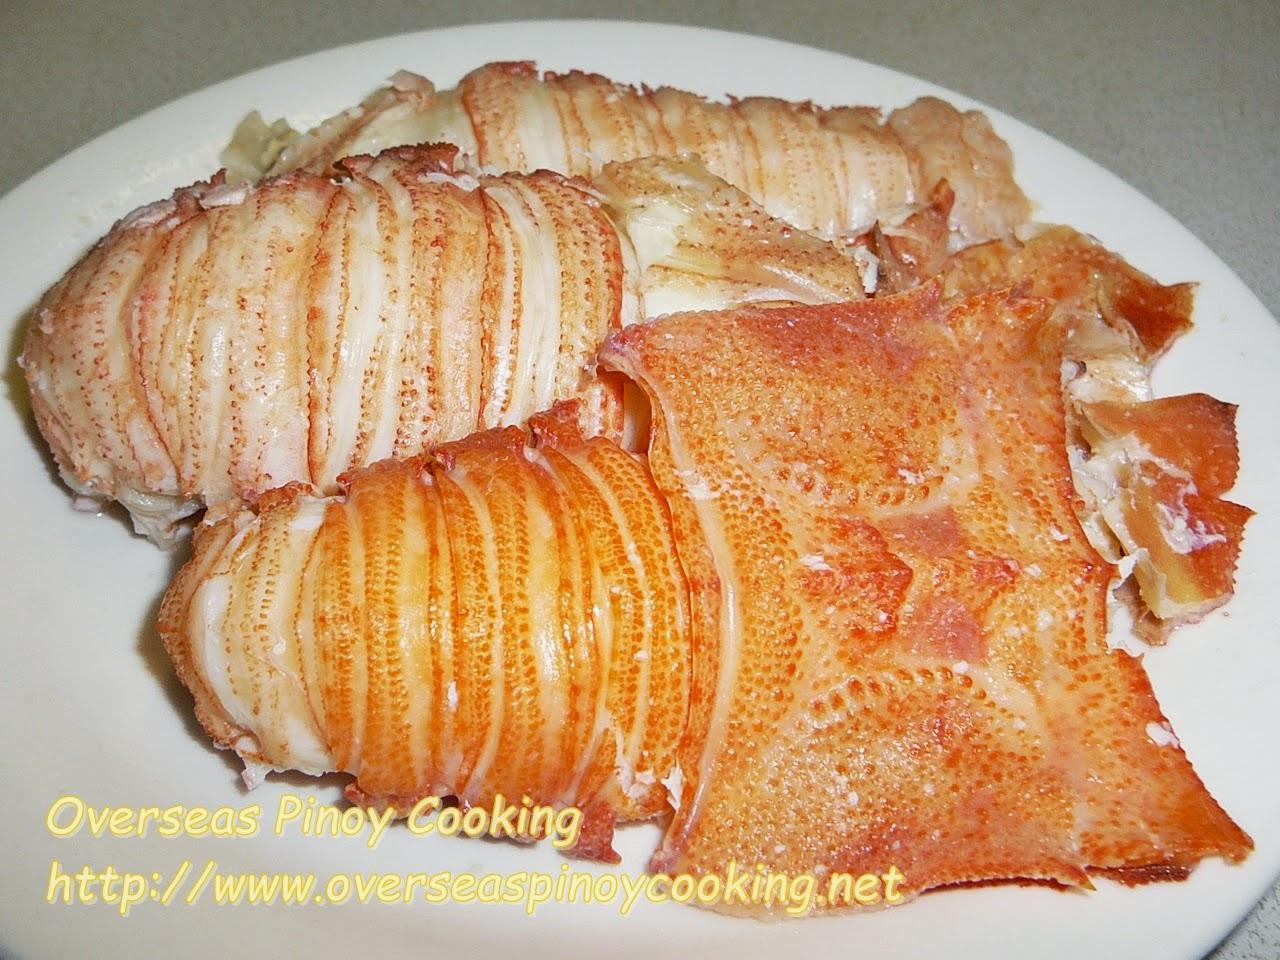 Slipper Lobster, Pitik - De-shelled